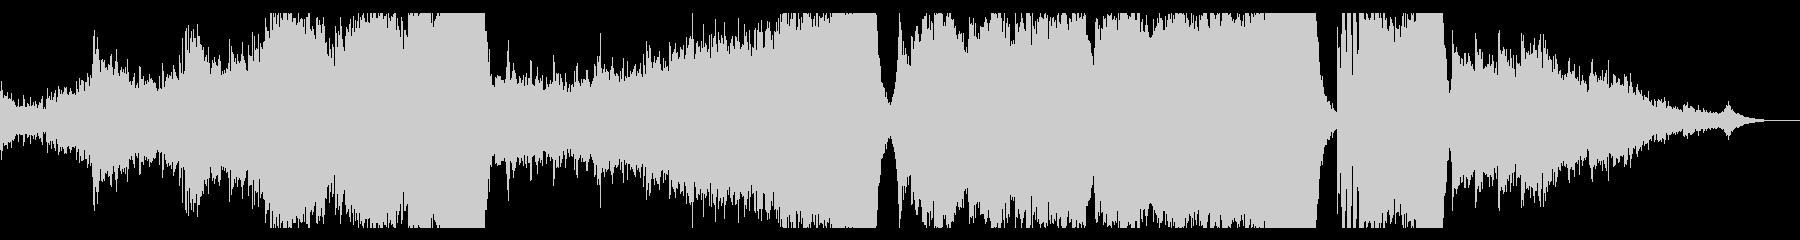 「エリタス・ビンシット」は「ルース...の未再生の波形